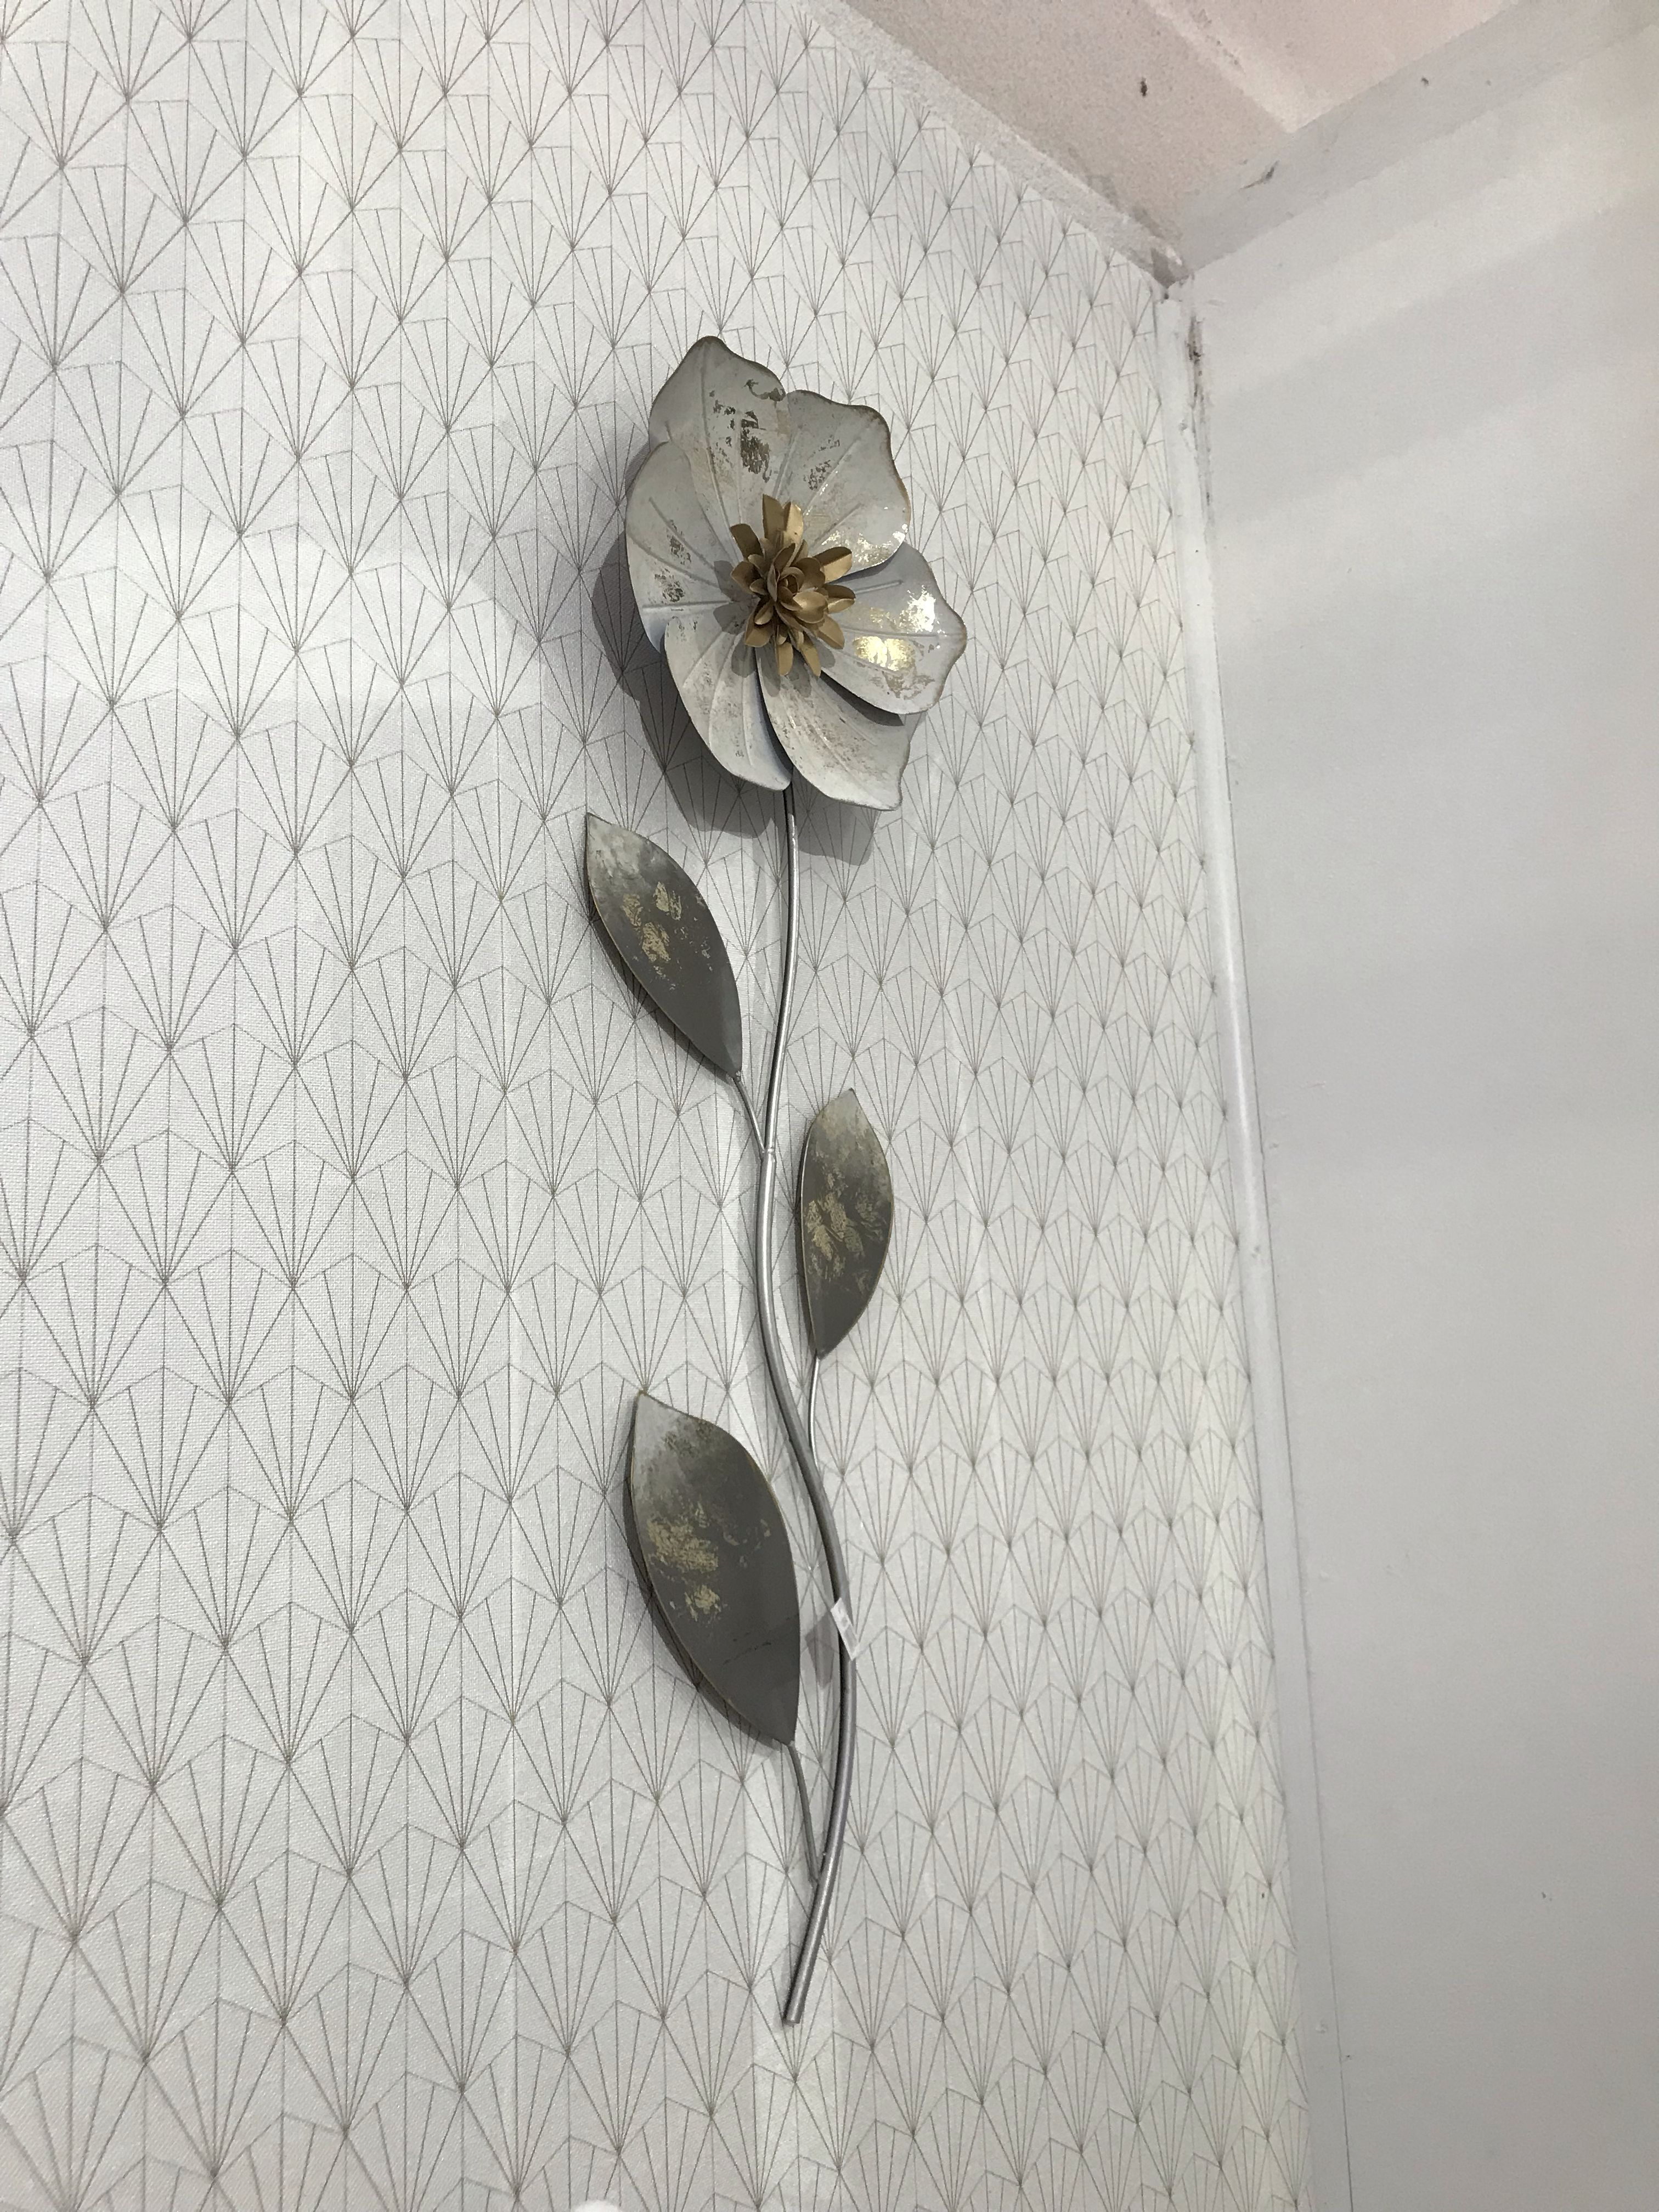 Fleur En Métal Décoration Murale , Ton Doré Blanc Cuivré En Magasin Chez  Juratextiles à Orchamps